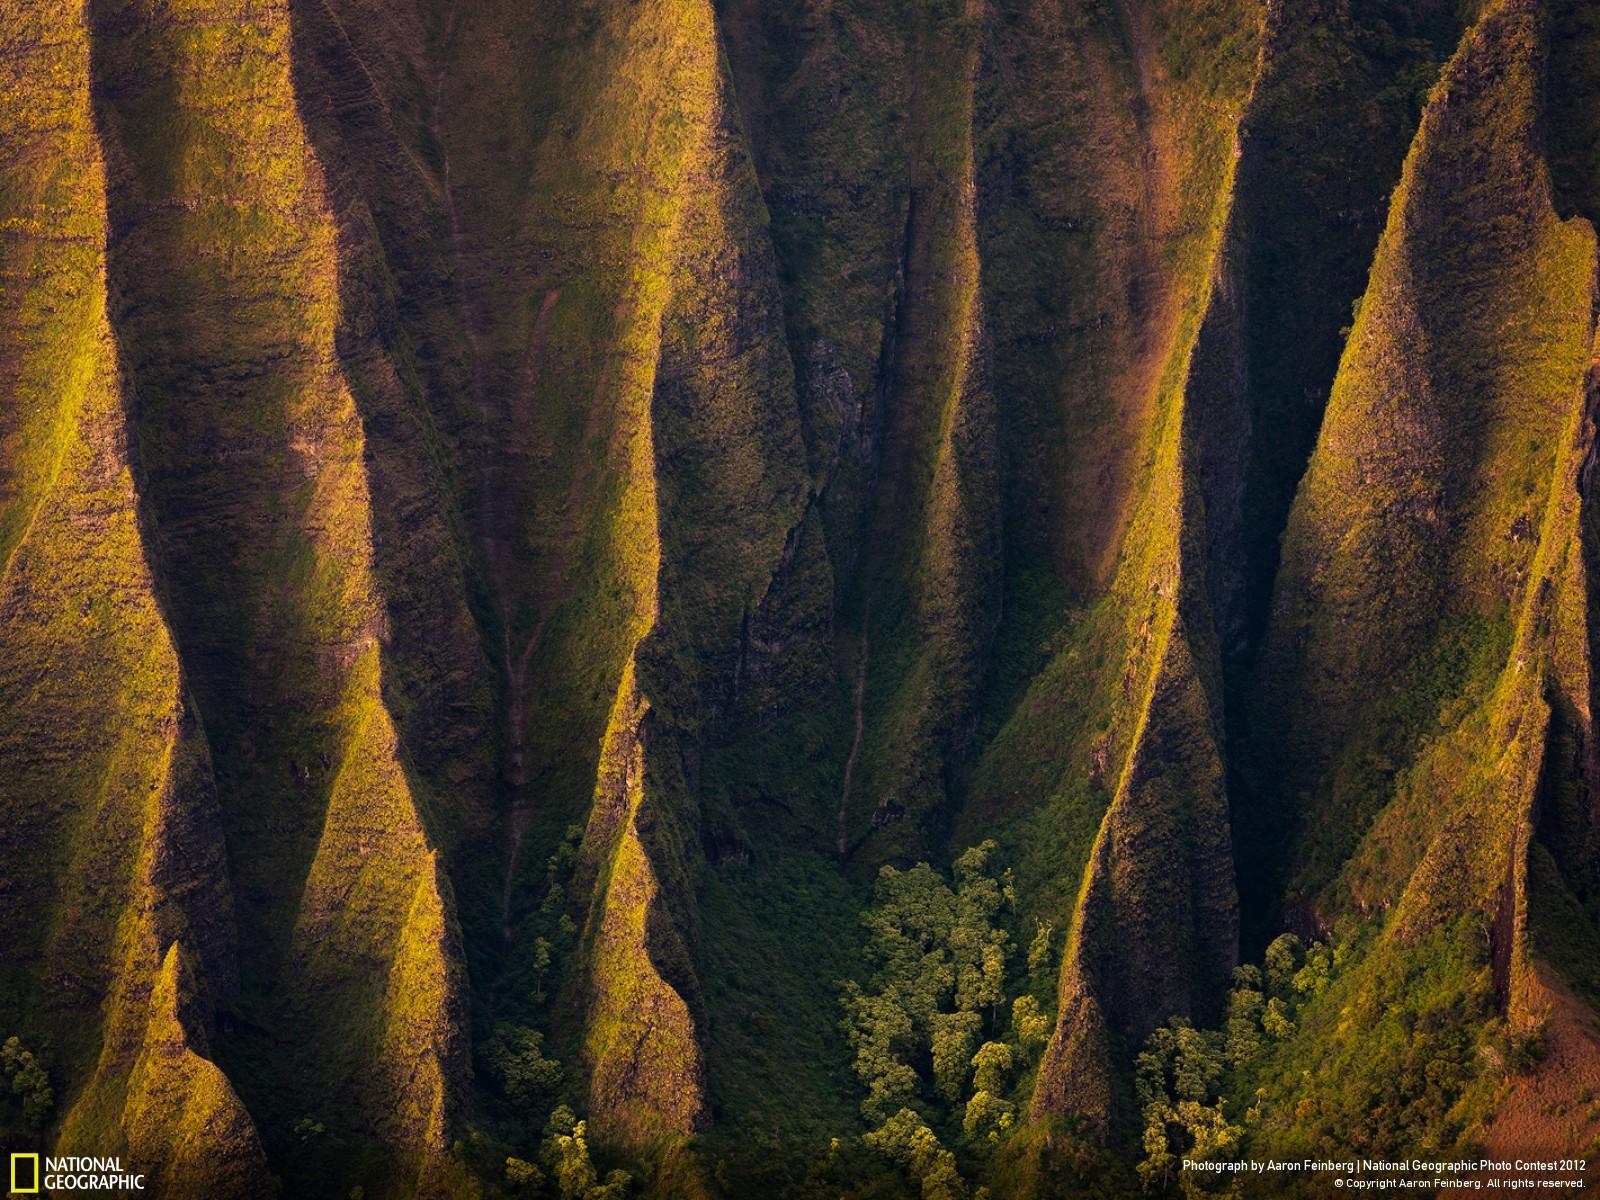 13 Лучшие фотографии за 2012 год по версии National Geographic